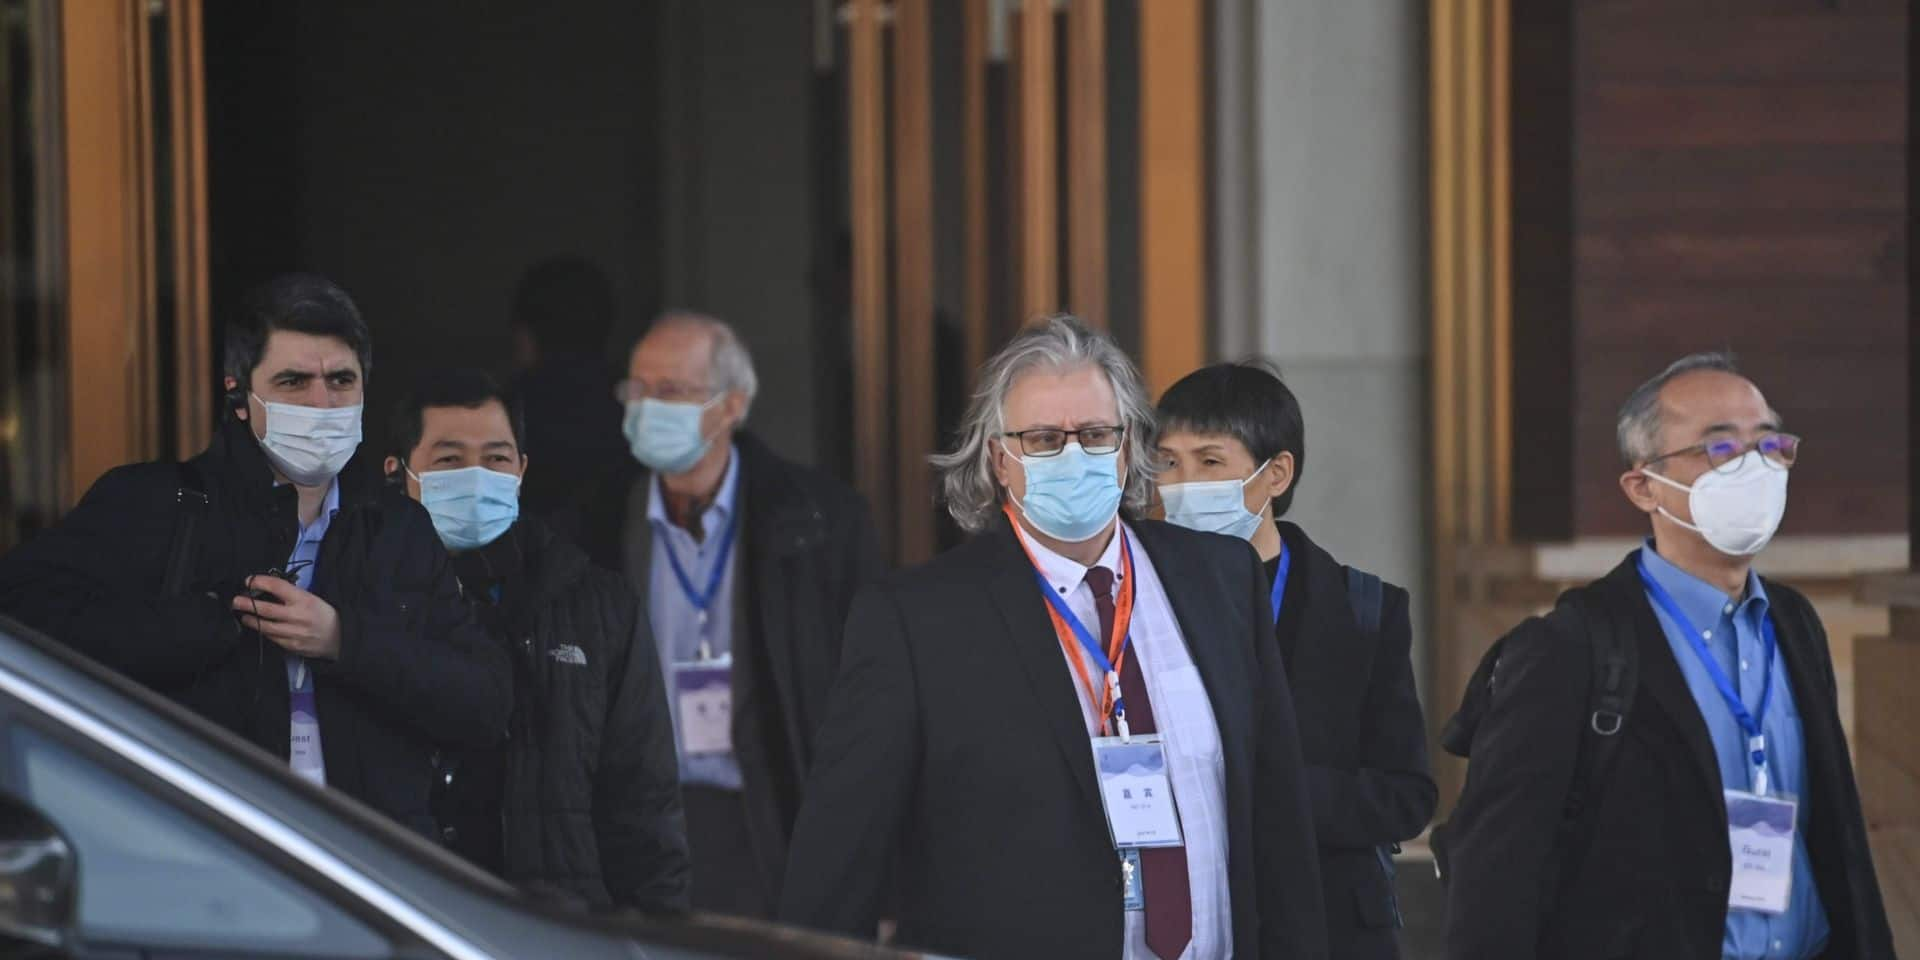 """Les experts de l'OMS enfin sur le terrain à Wuhan: """"Ils s'entretiendront avec les premiers intervenants (contre la maladie) et certains des premiers malades"""""""